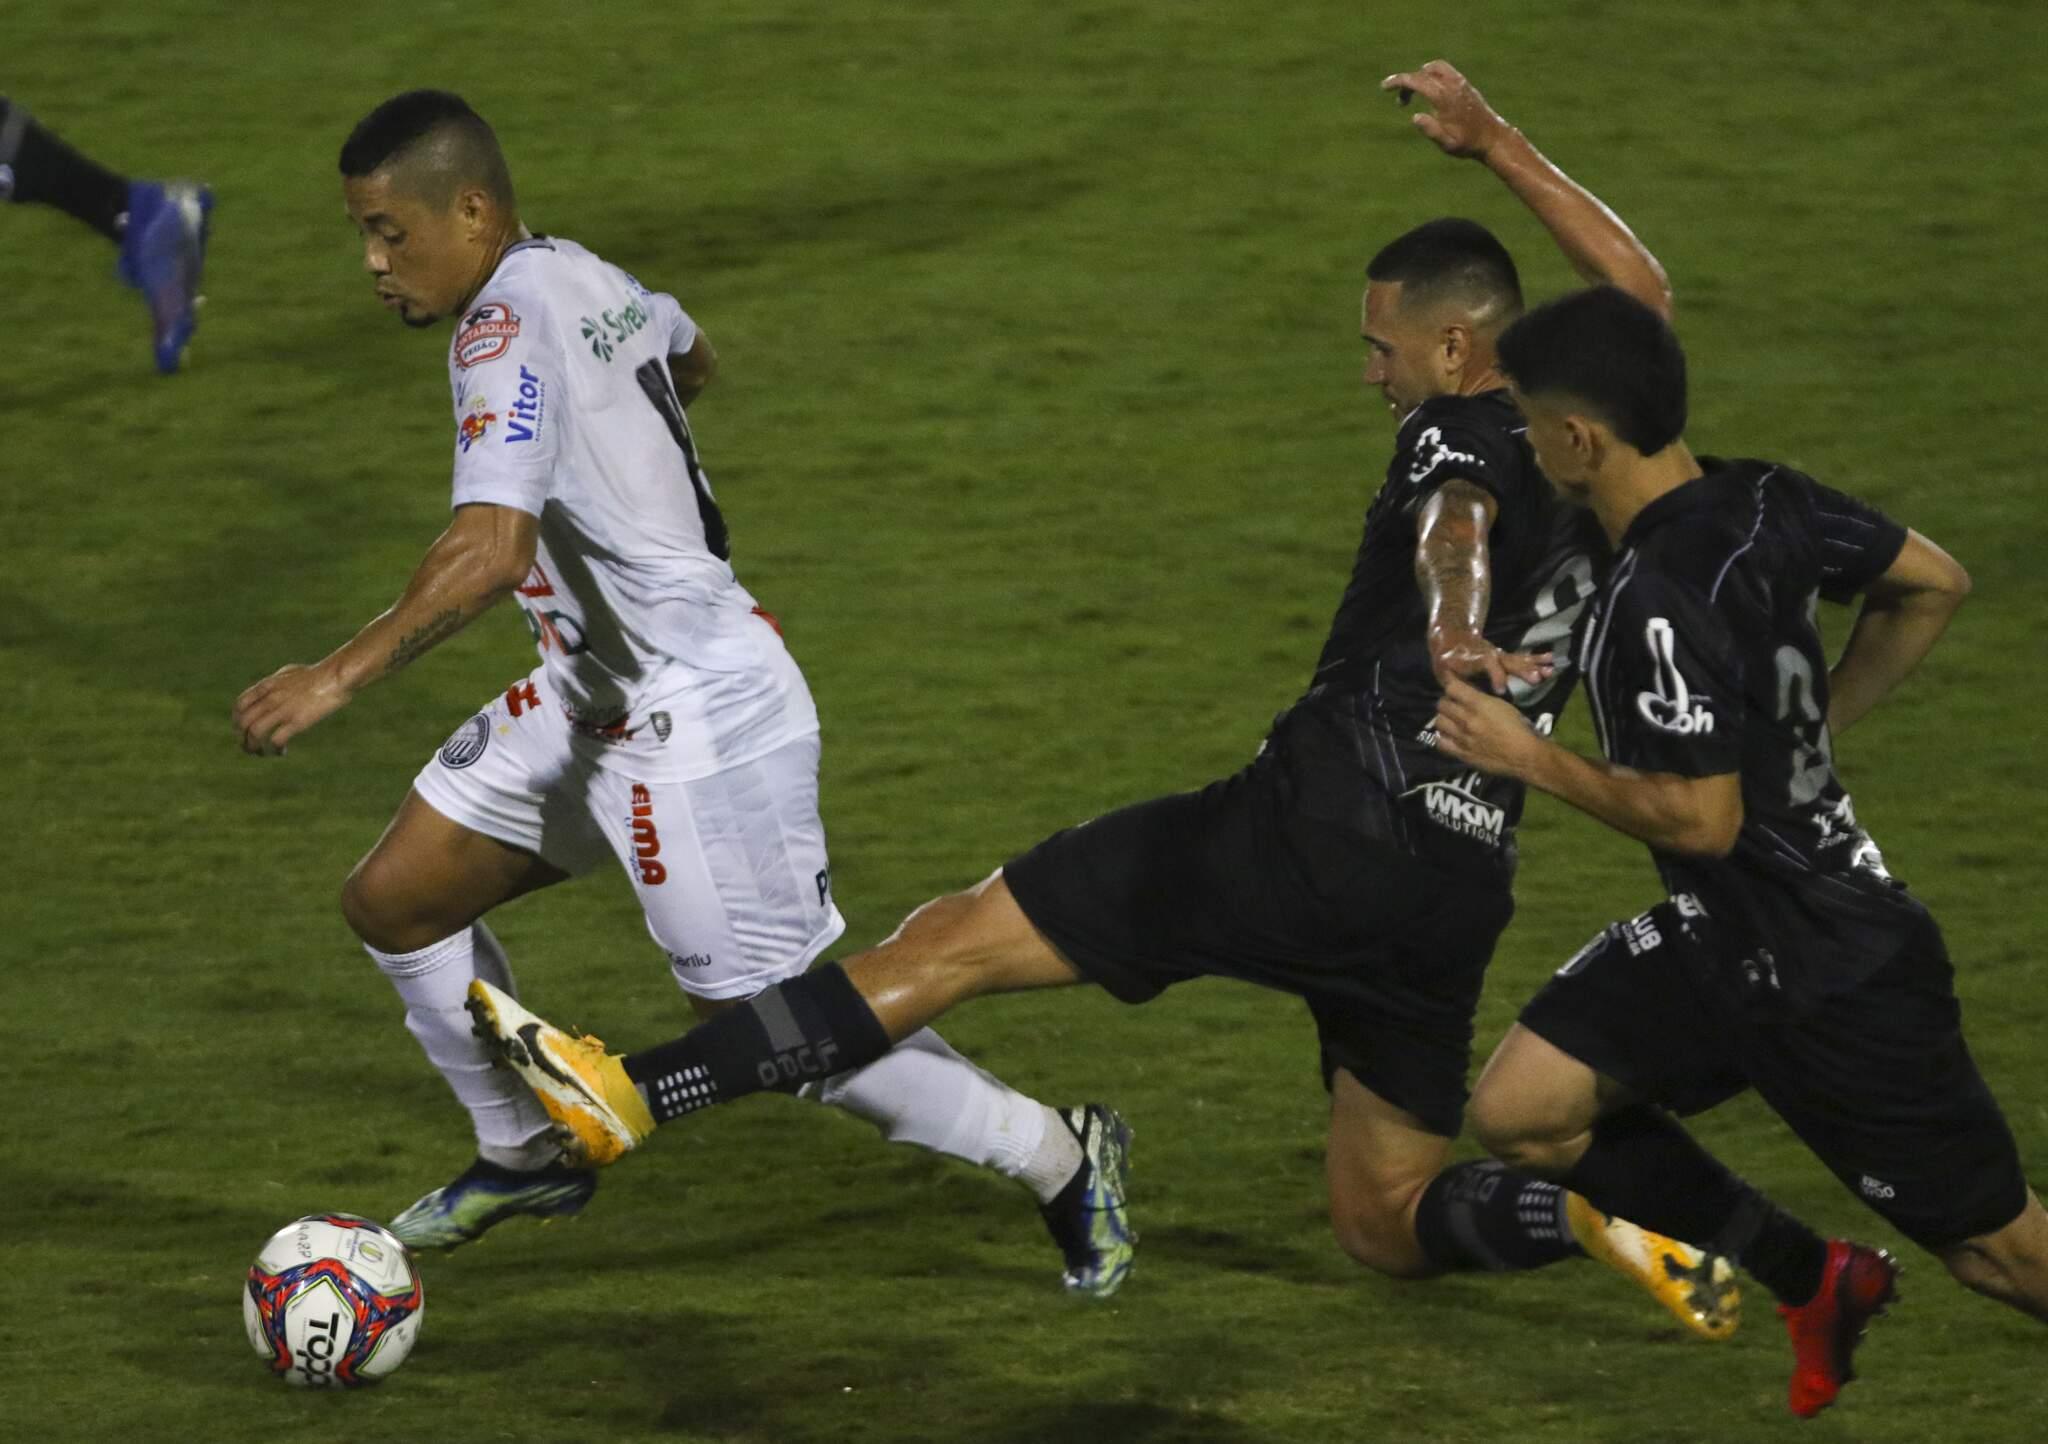 Vini Locatelli jogador do Ponte Preta disputa lance com Tomas Bastos jogador do Operário durante partida no estádio Moises Lucarelli pelo campeonato Brasileiro B 2021. (Foto: Estadão Conteúdo)